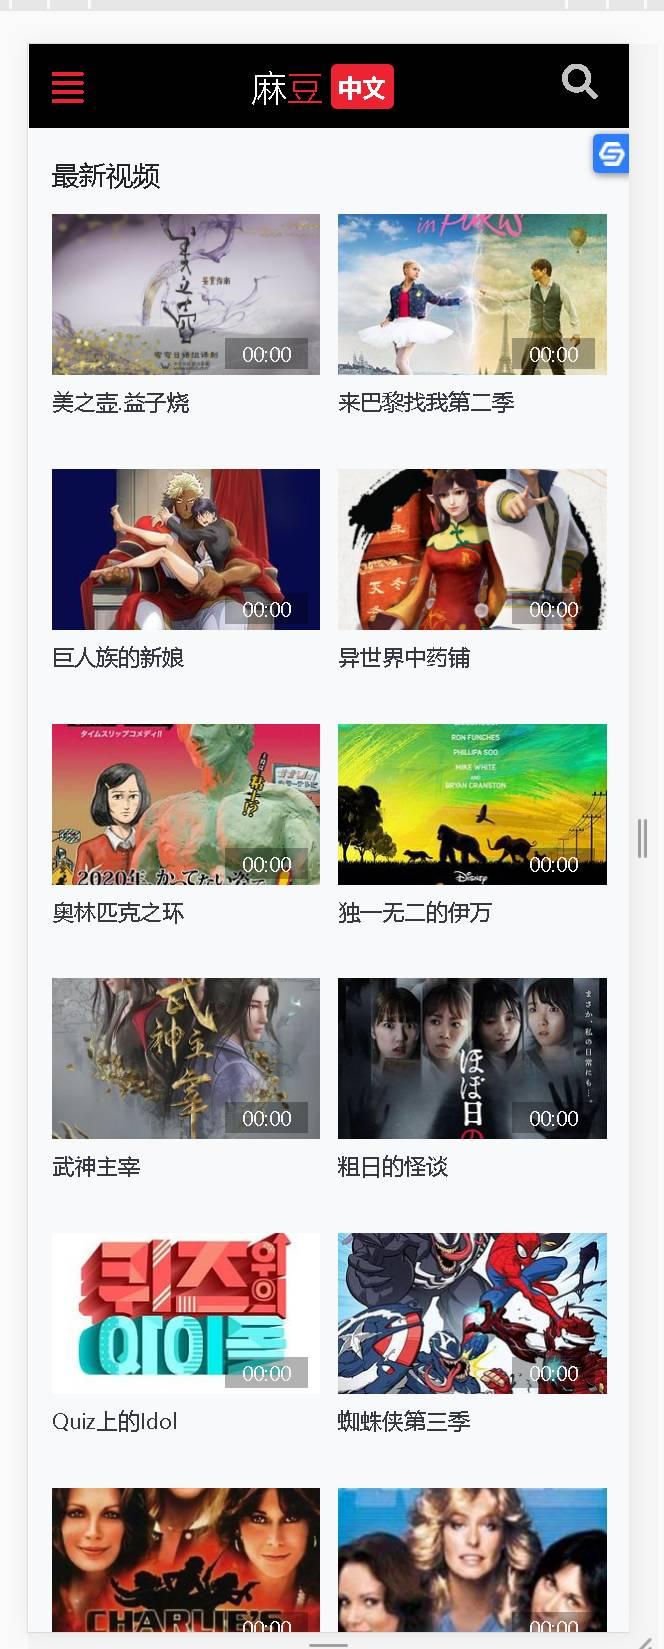 苹果cms V10 麻豆中文二开 视频 图片 小说网站源码模板插图1